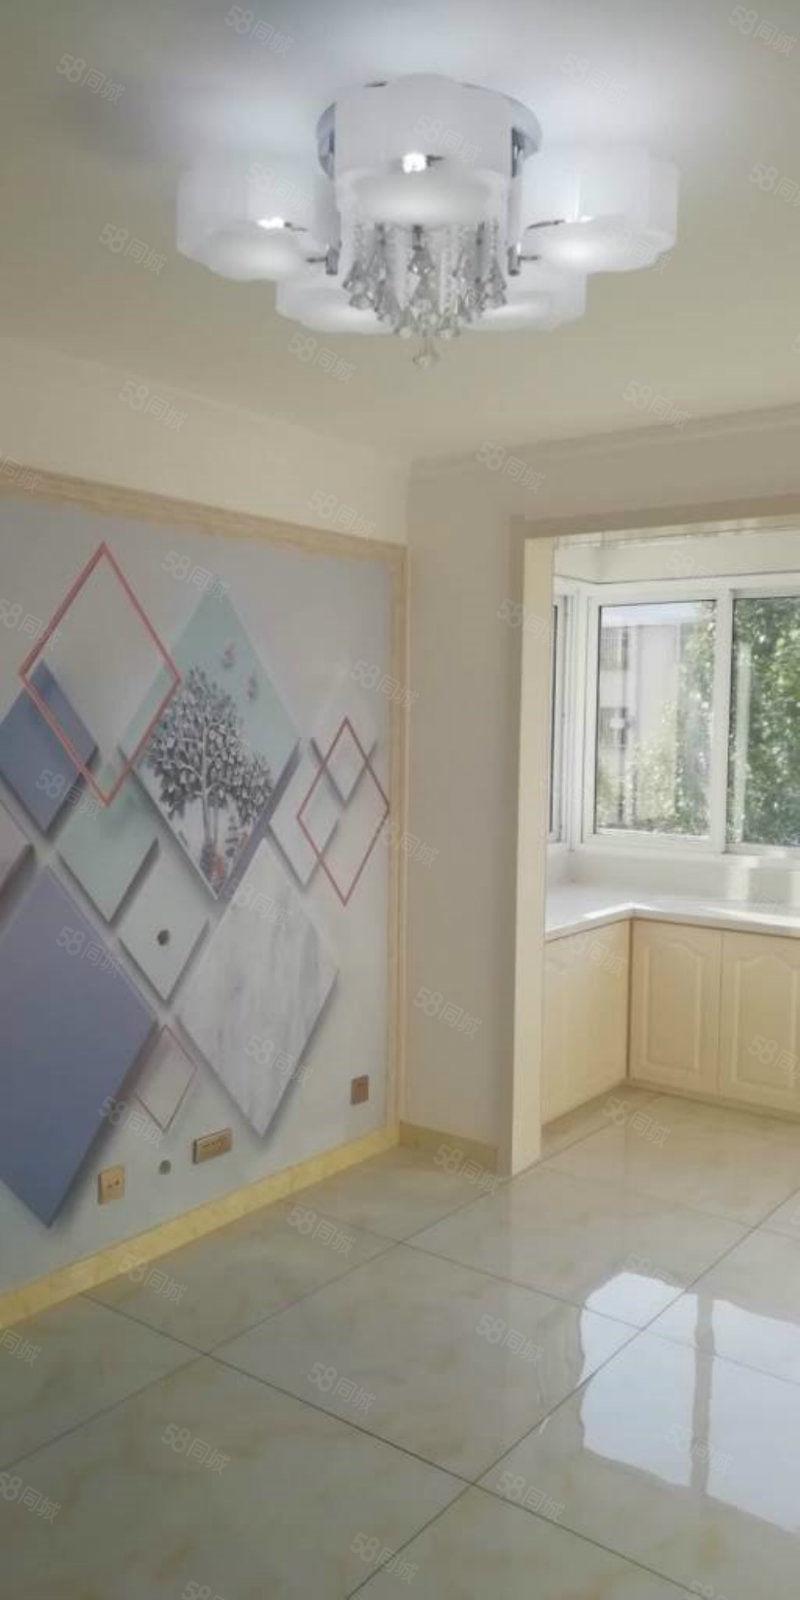 出售隆欣家园4楼精装修未住51平米南北卧室支持贷款16万